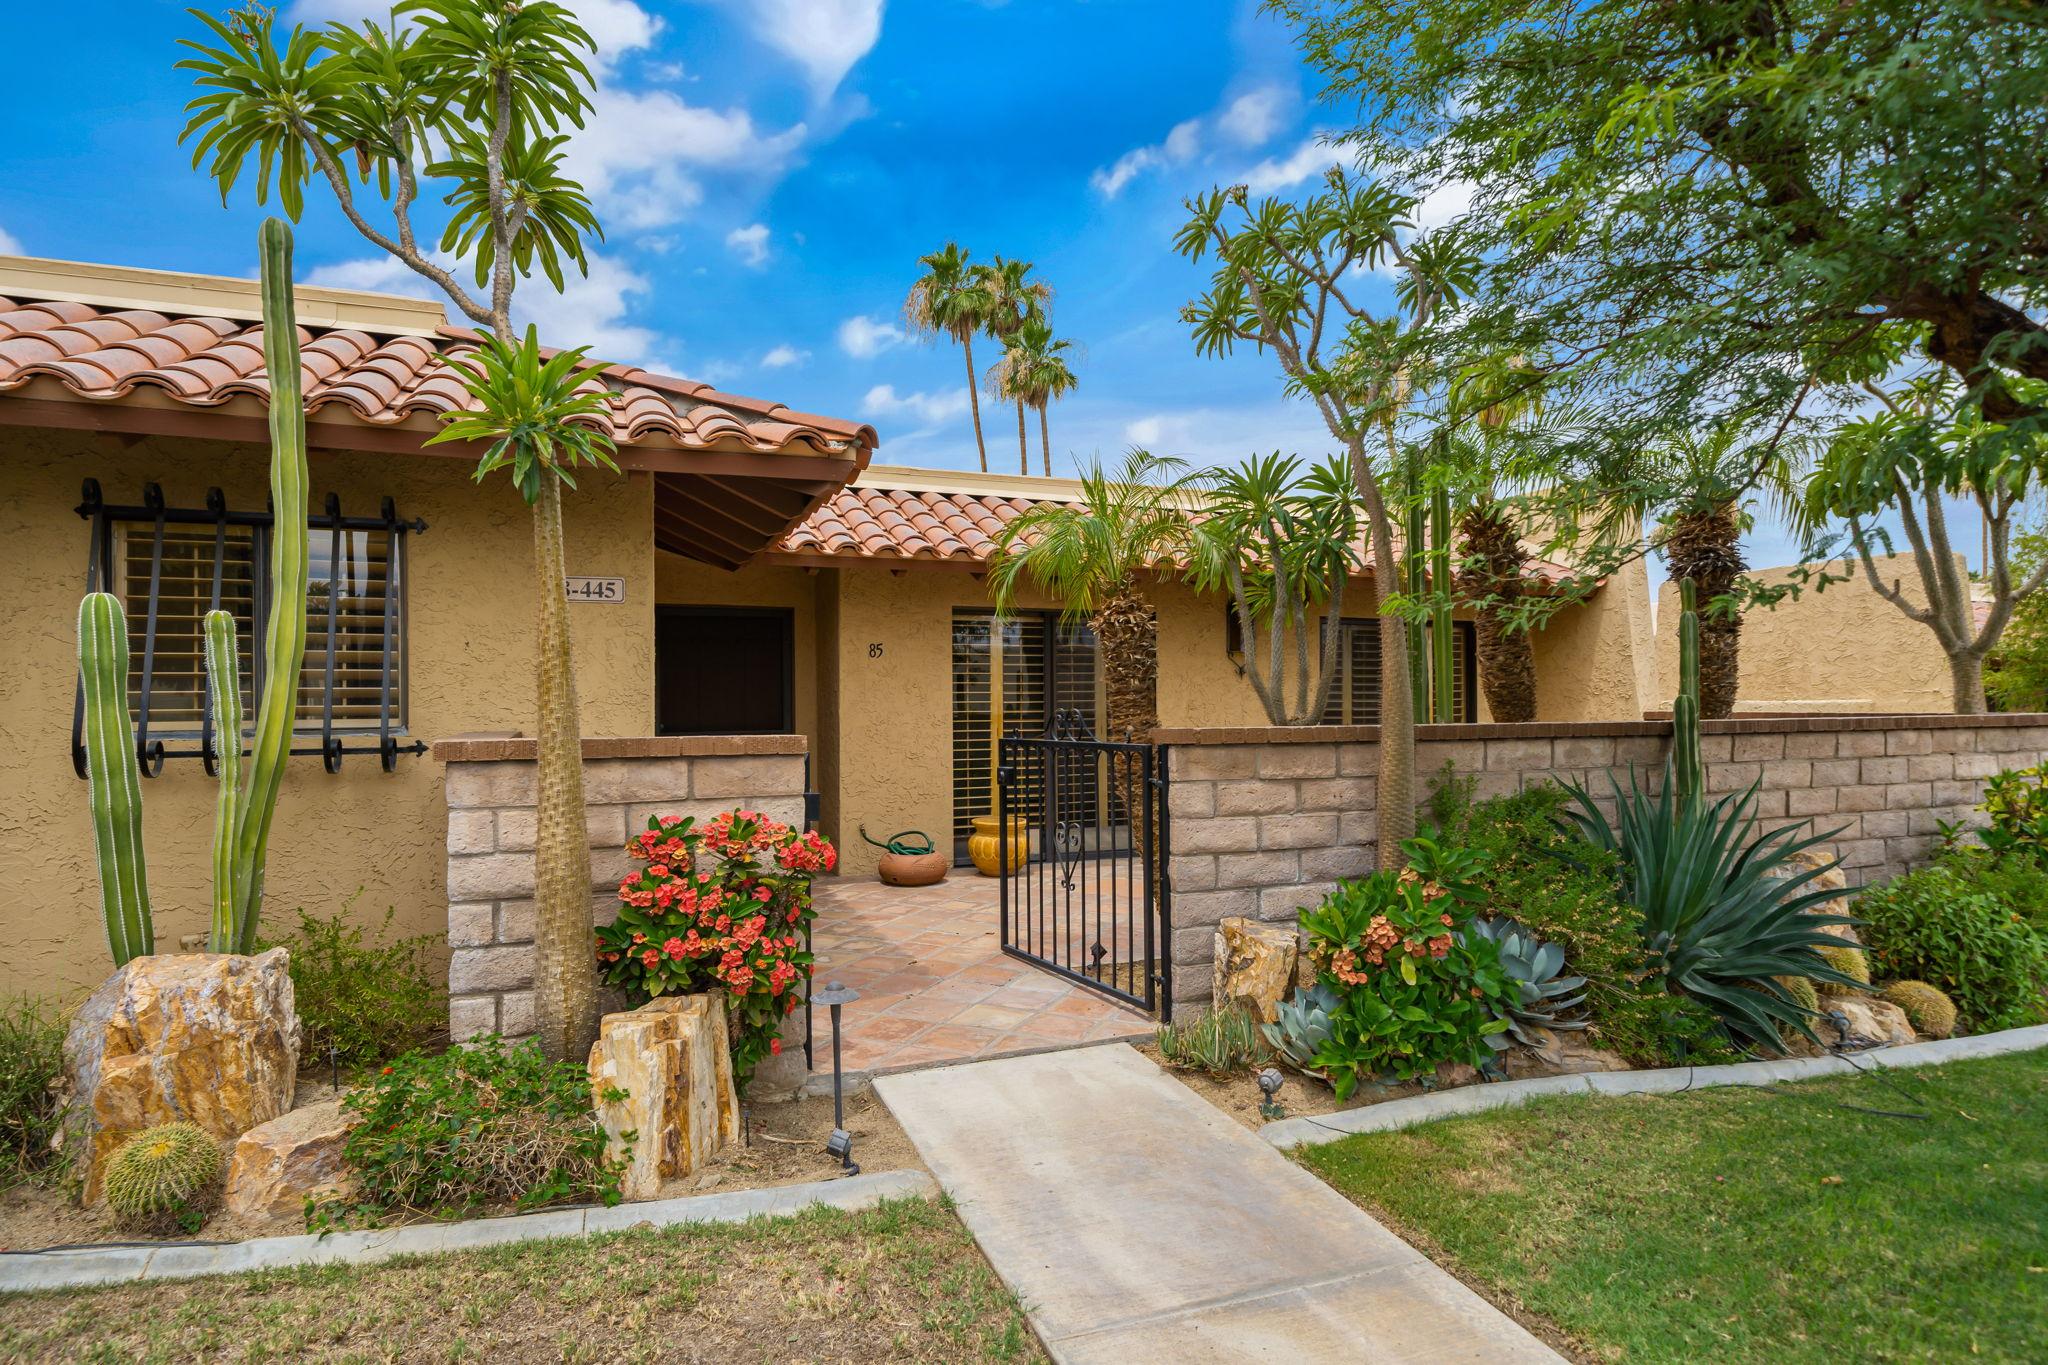 48445 Alamo Dr, Palm Desert, CA 92260, USA Photo 11